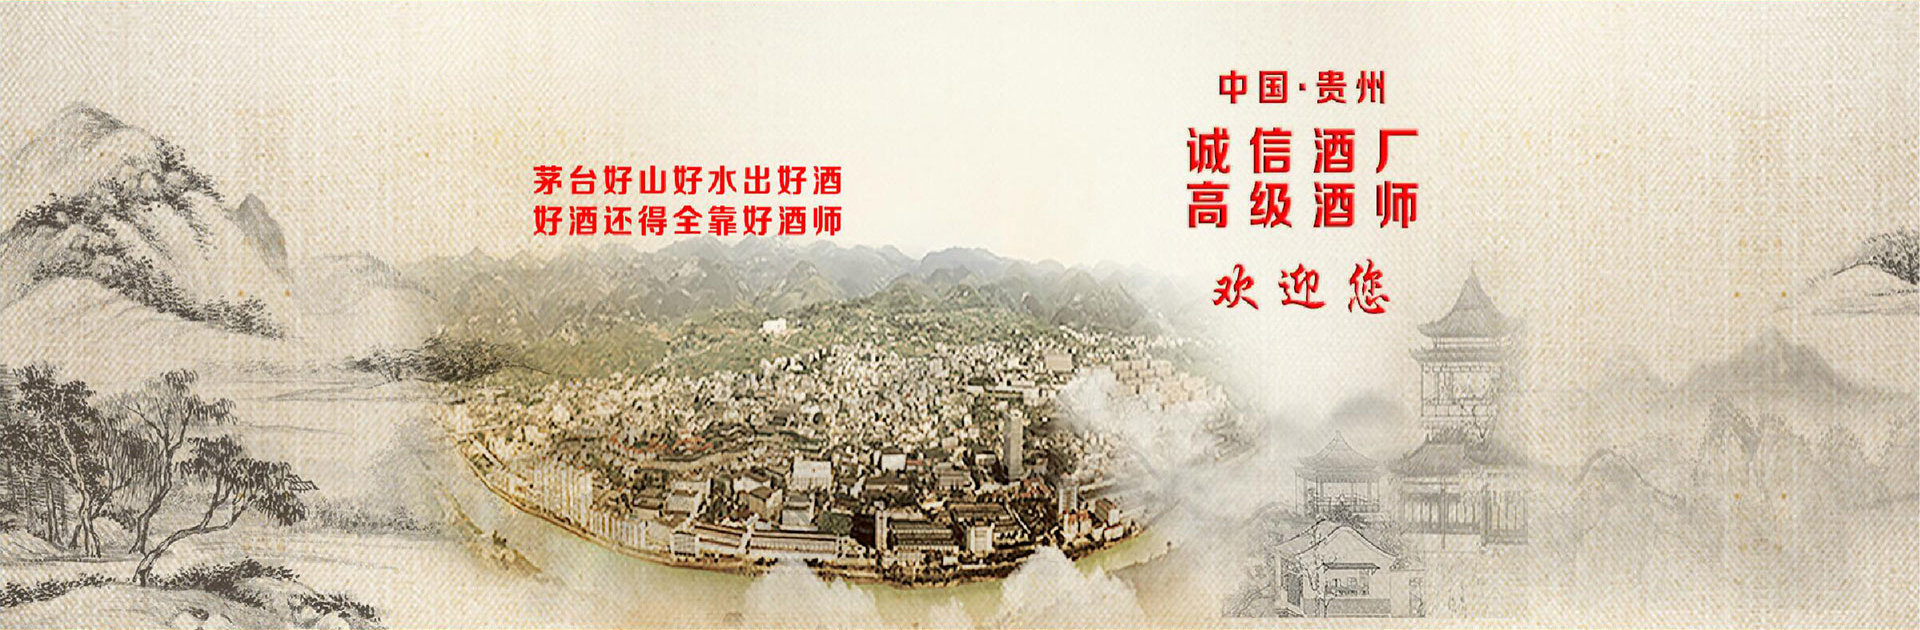 中国贵州诚信酒厂高级酒师欢迎您